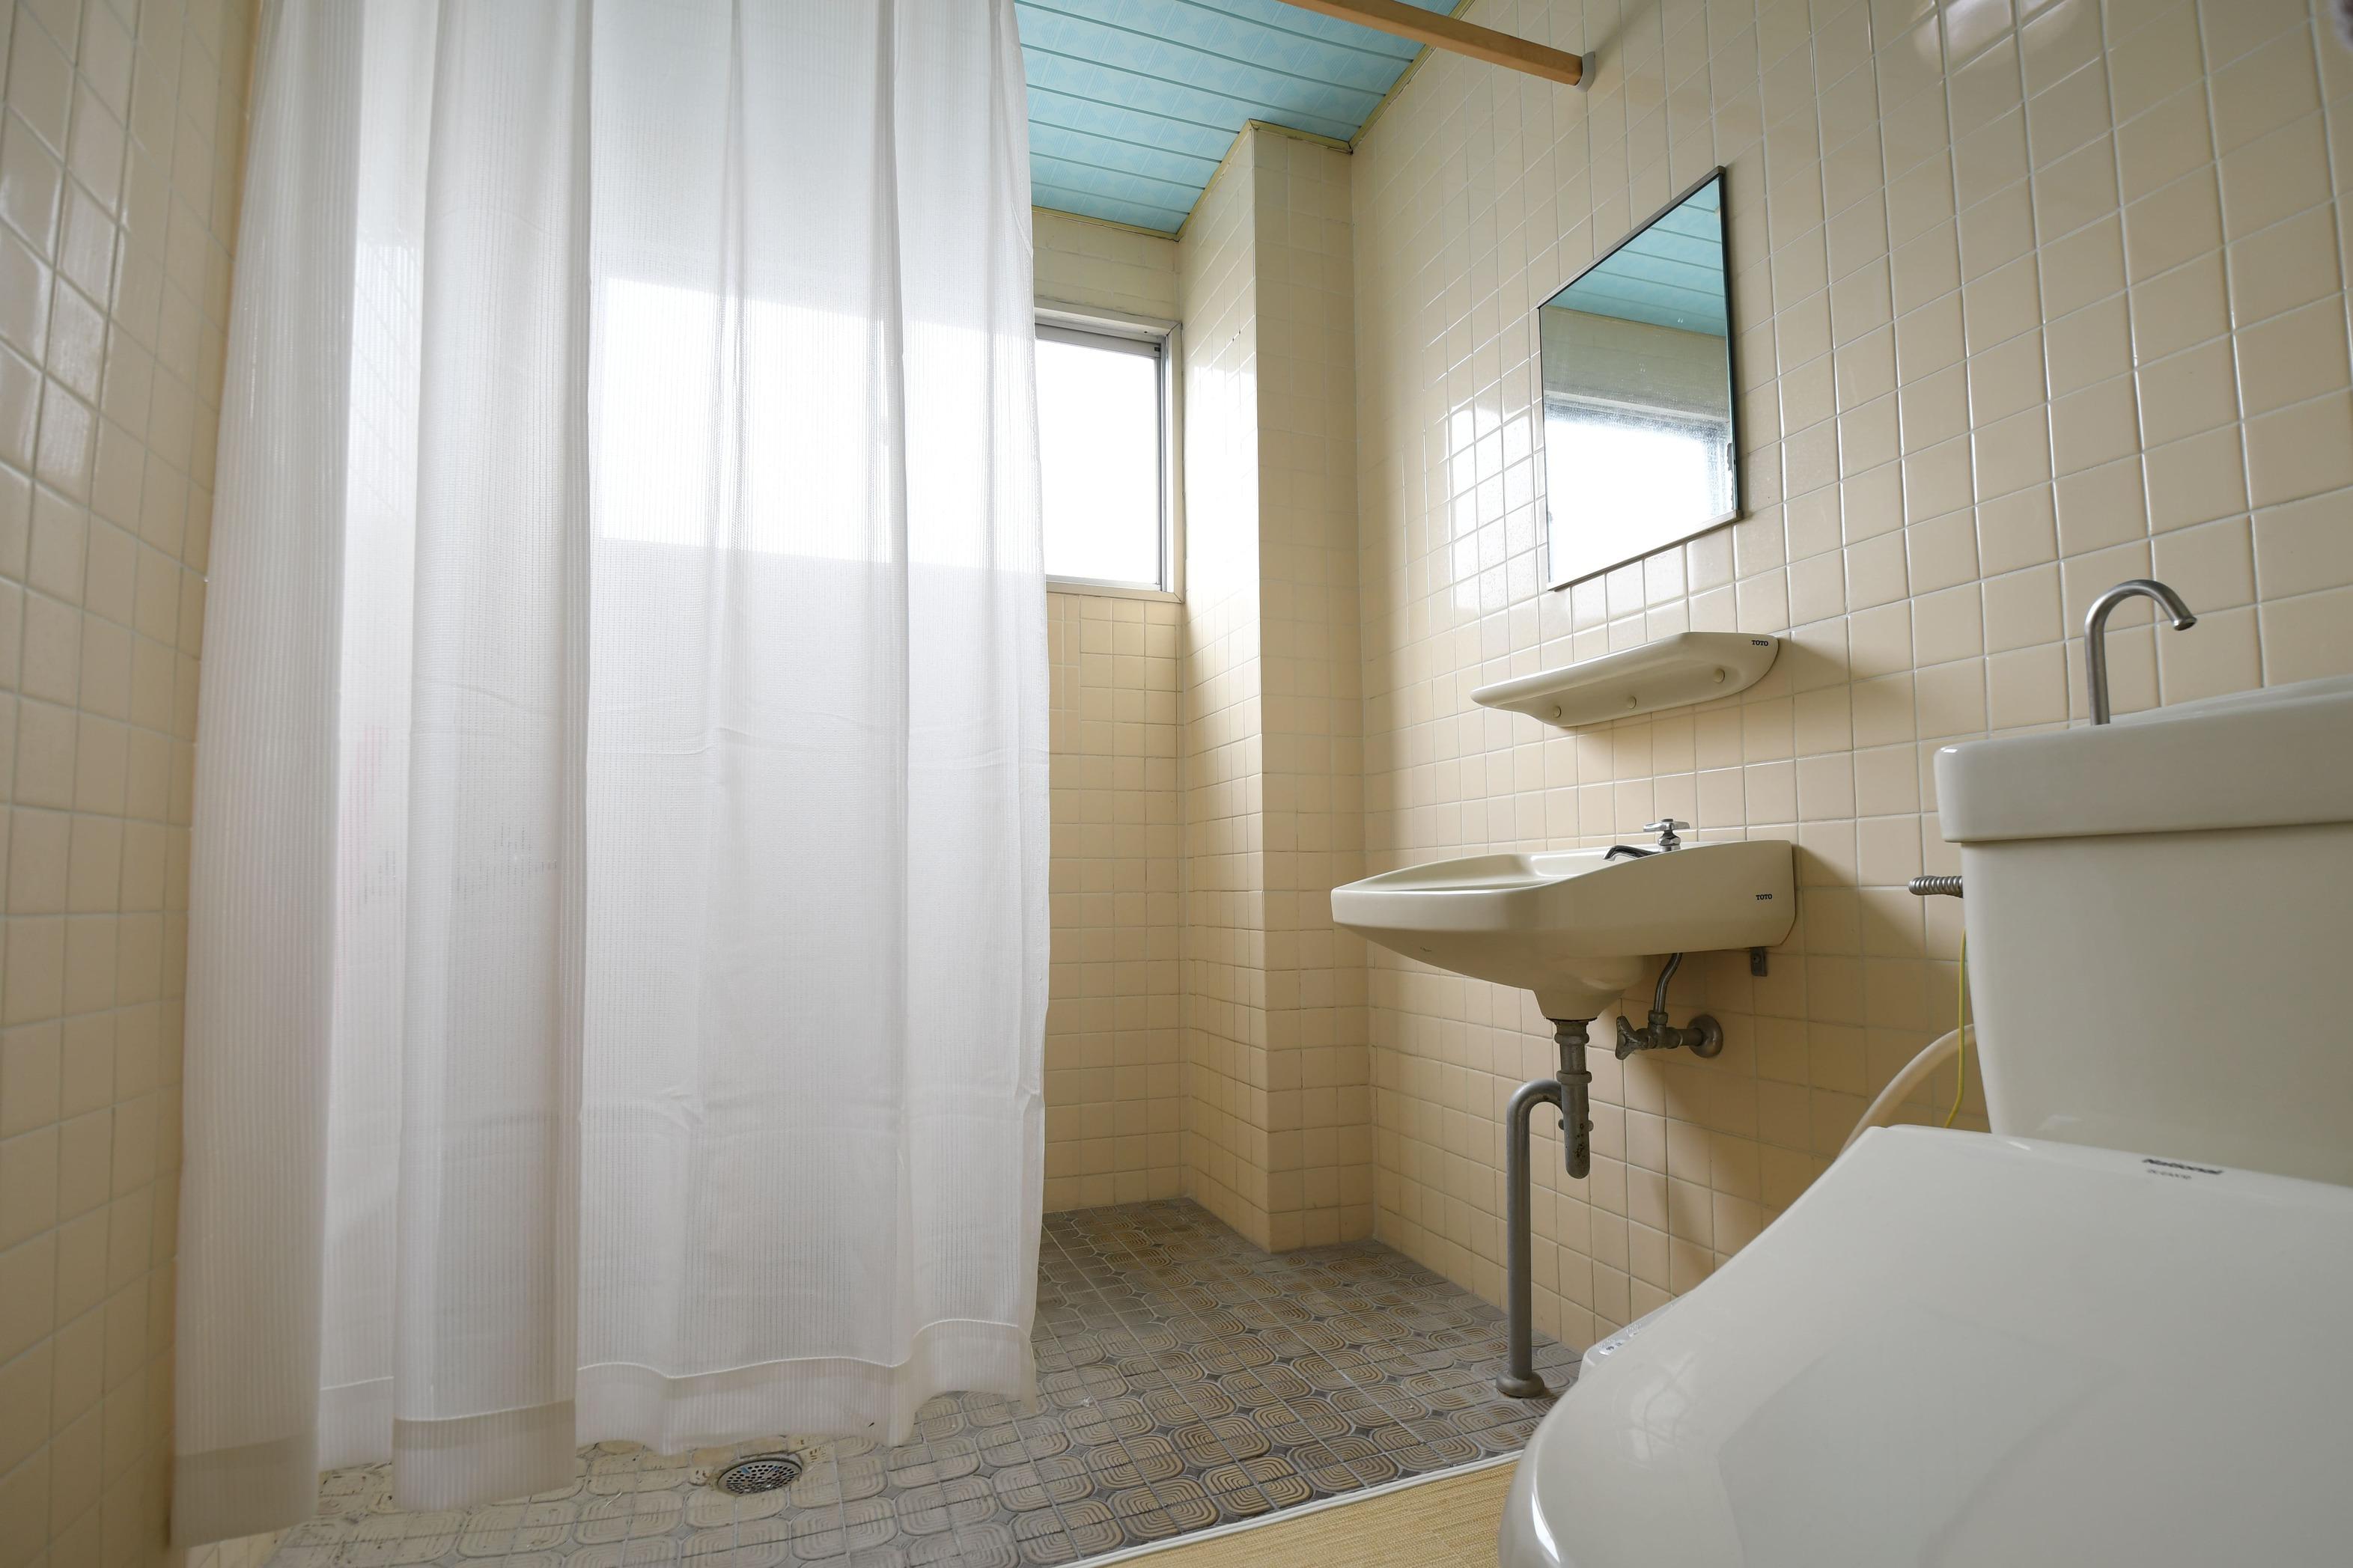 スタンダード個室シャワールームとトイレ付